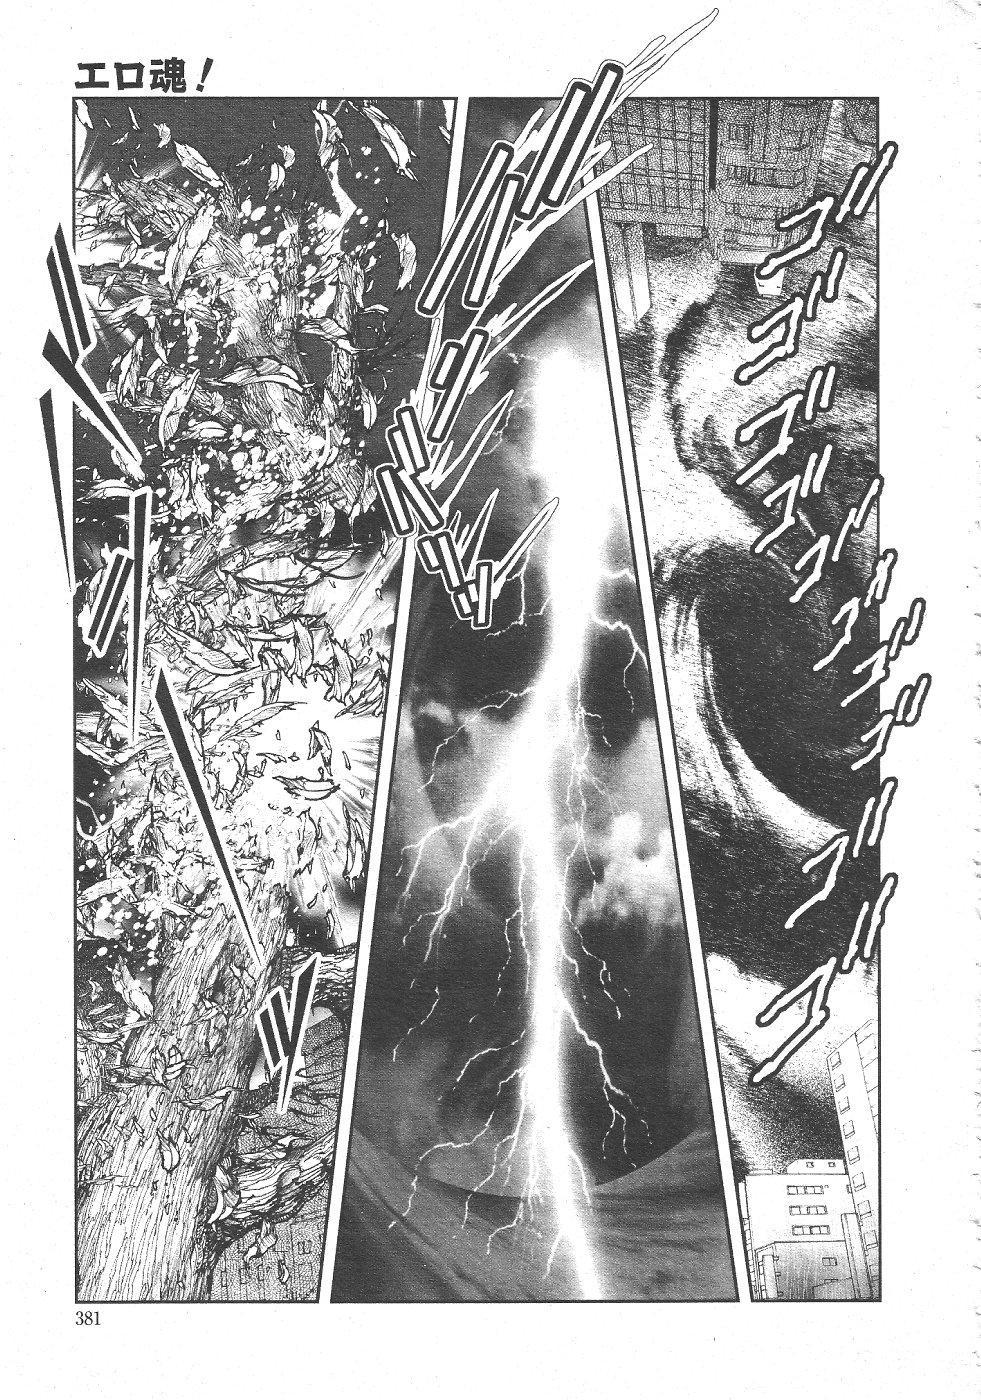 Gekkan Comic Muga 2004-06 Vol.10 384